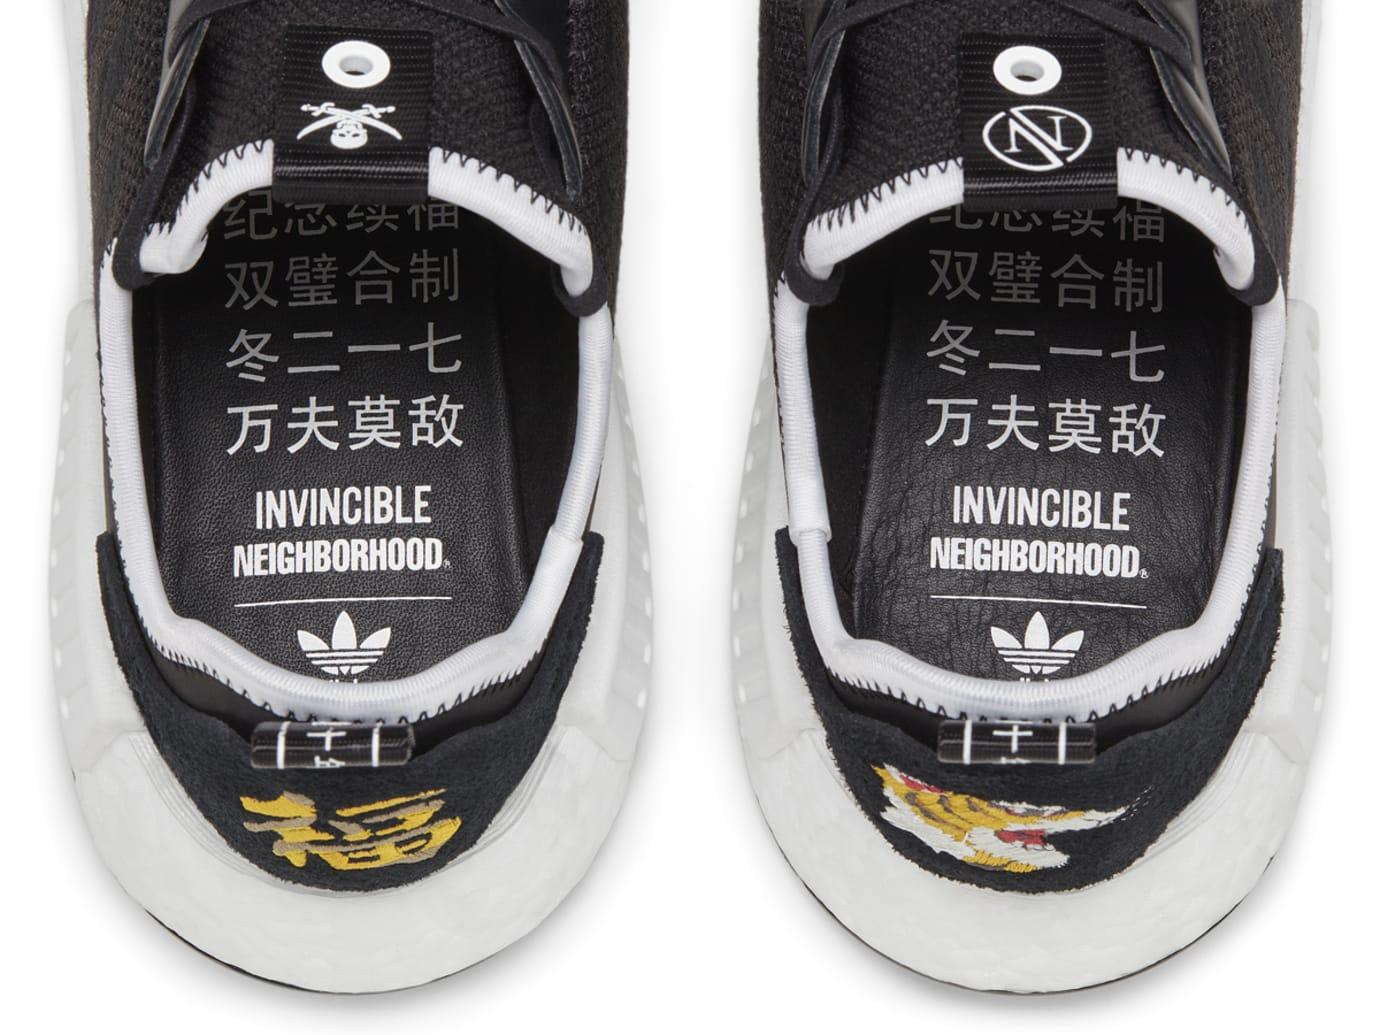 Neighborhood Invincible Adidas NMD Insole